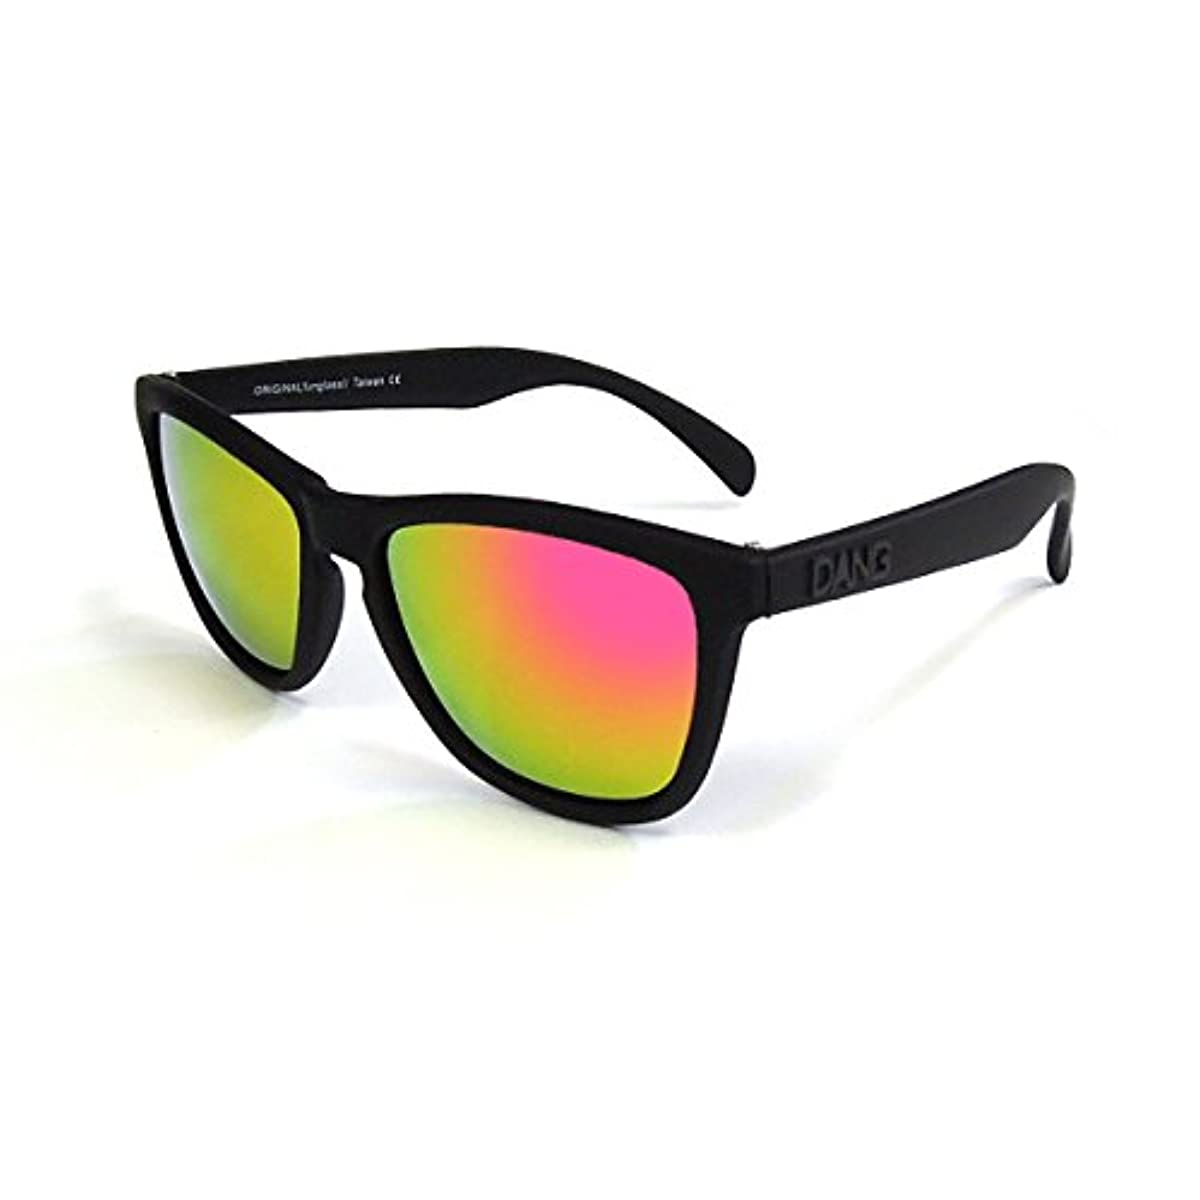 誠意ジム安全なダン シェイディーズ (DANGSHADES) ORIGINAL Black Soft x Pink Fire Mirror スケートボード サングラス メンズ レディース ミラーレンズ